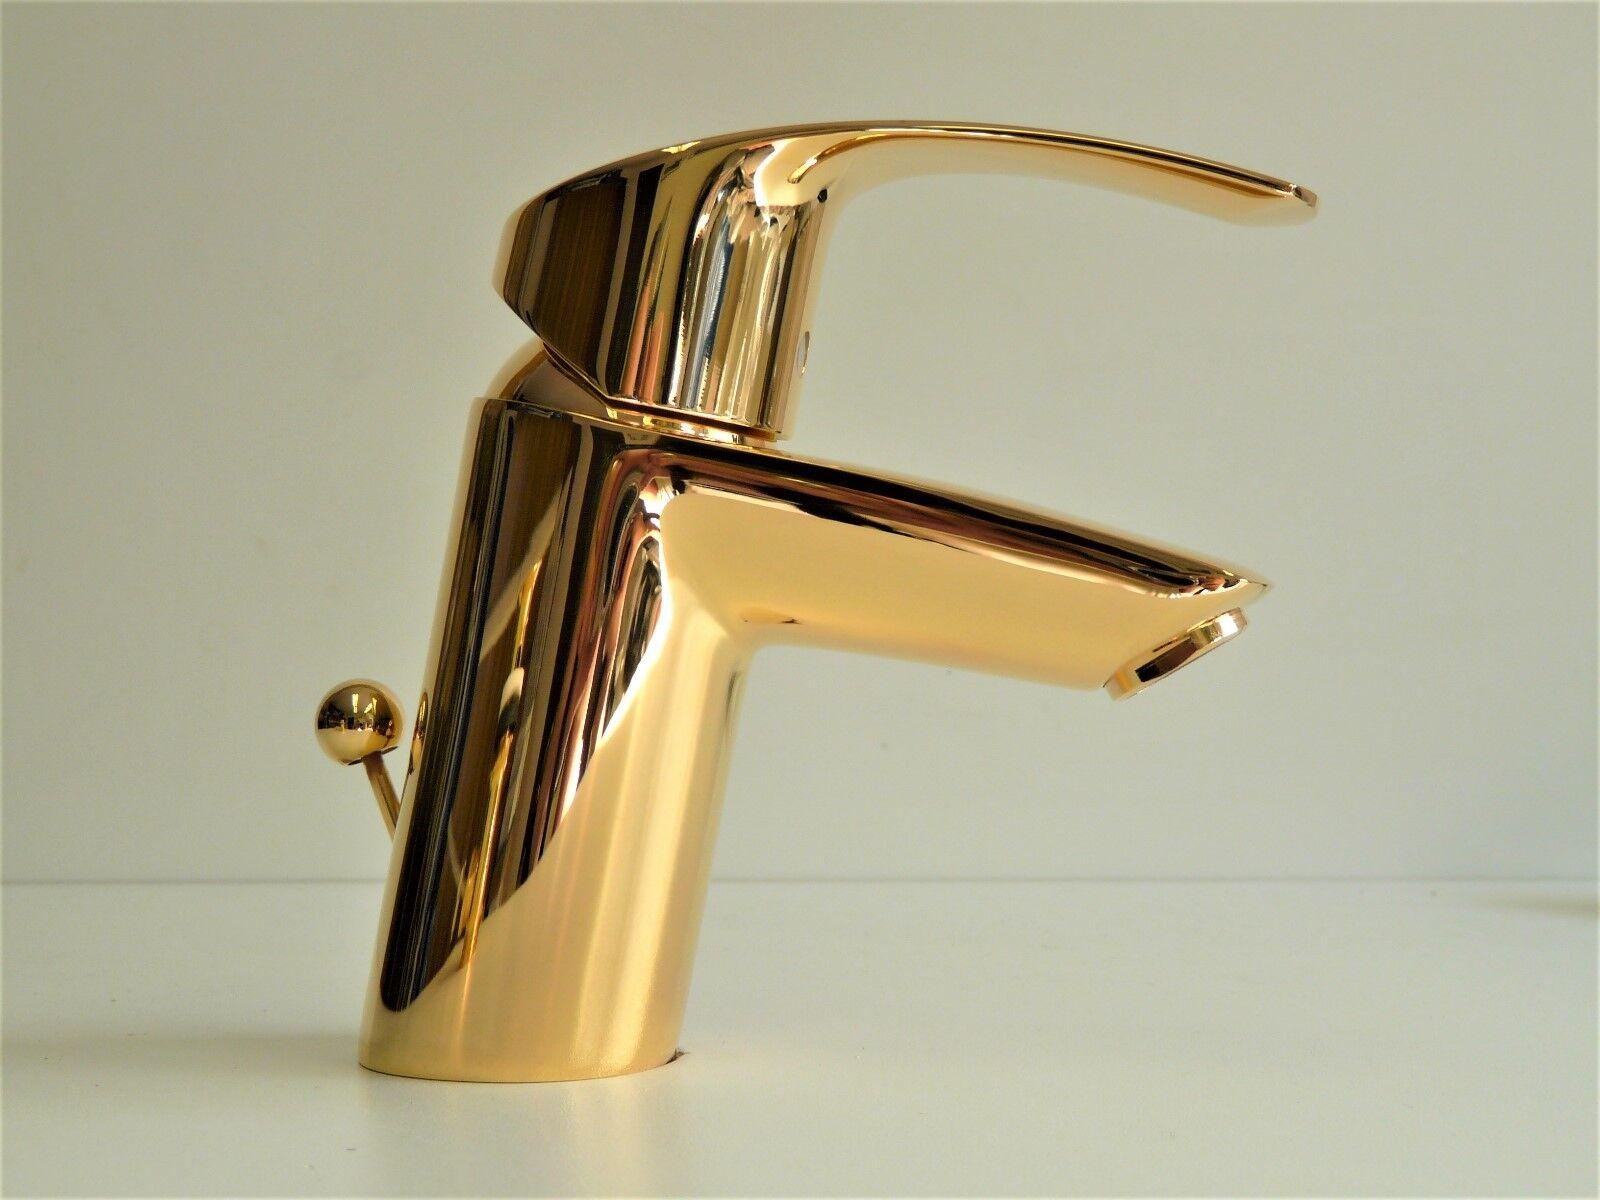 Grohe Eurosmart Waschtischarmatur Gold (24 Karat), Einhebelmischer, Wasserhahn